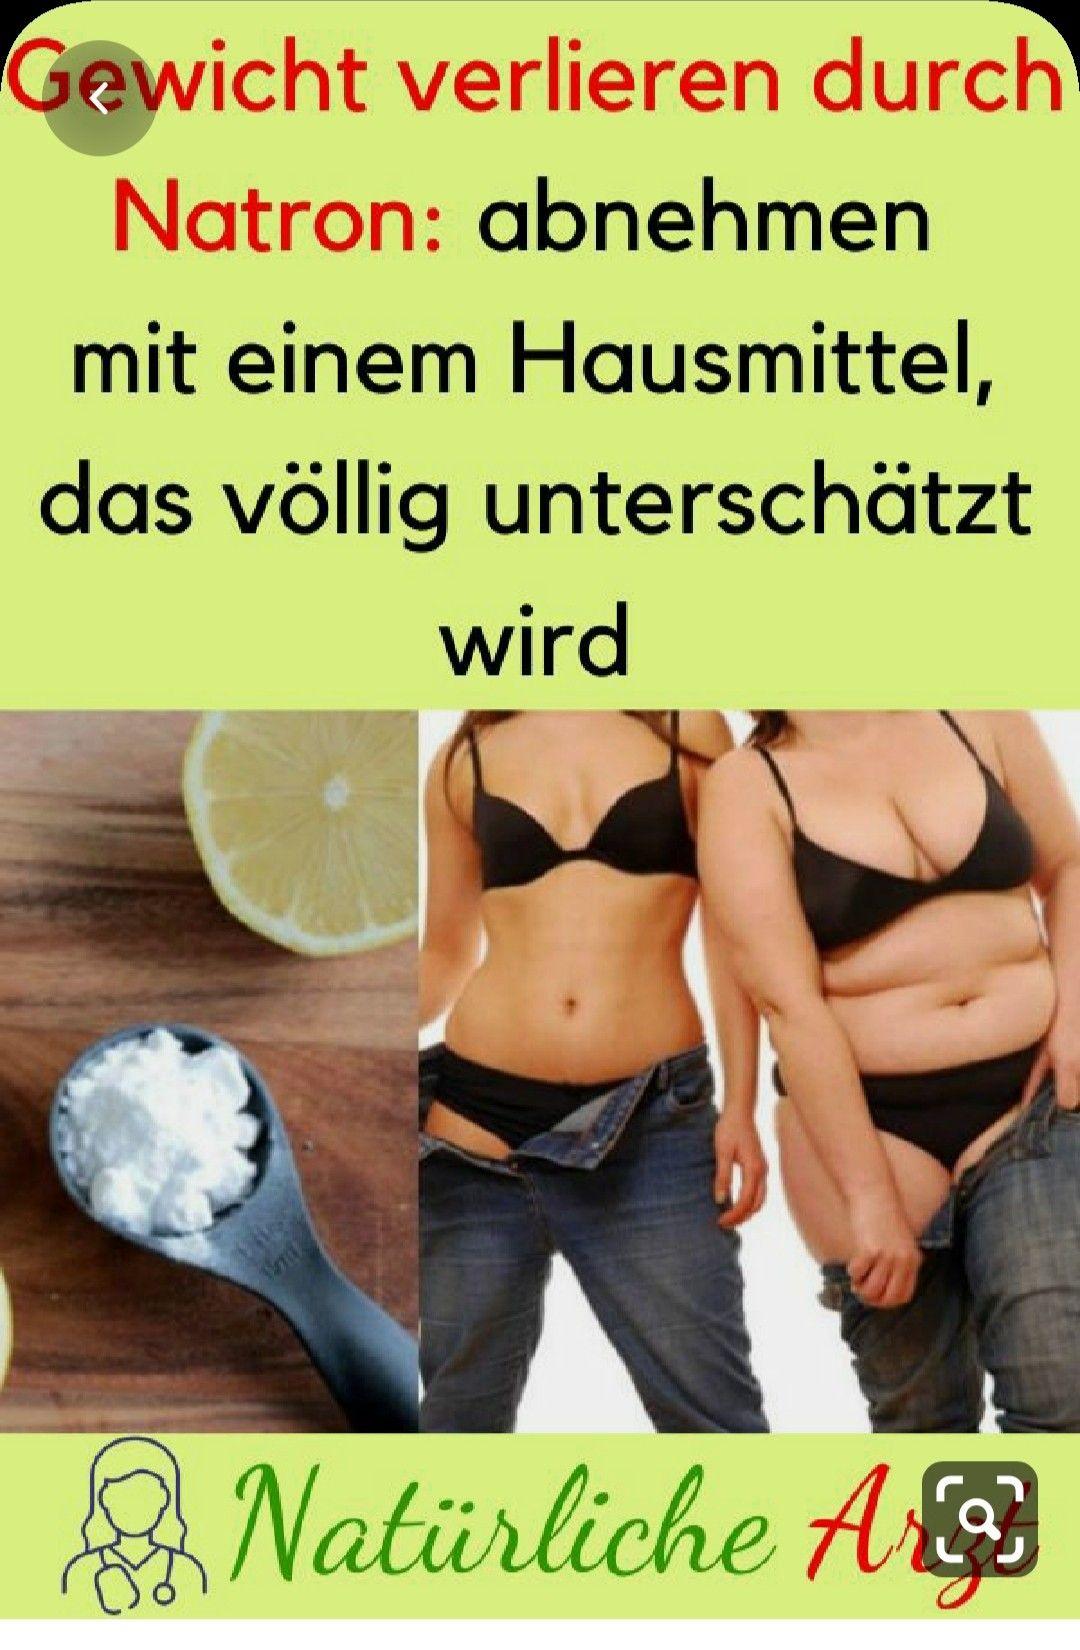 Ingwertee wird verwendet, um Gewicht zu verlieren